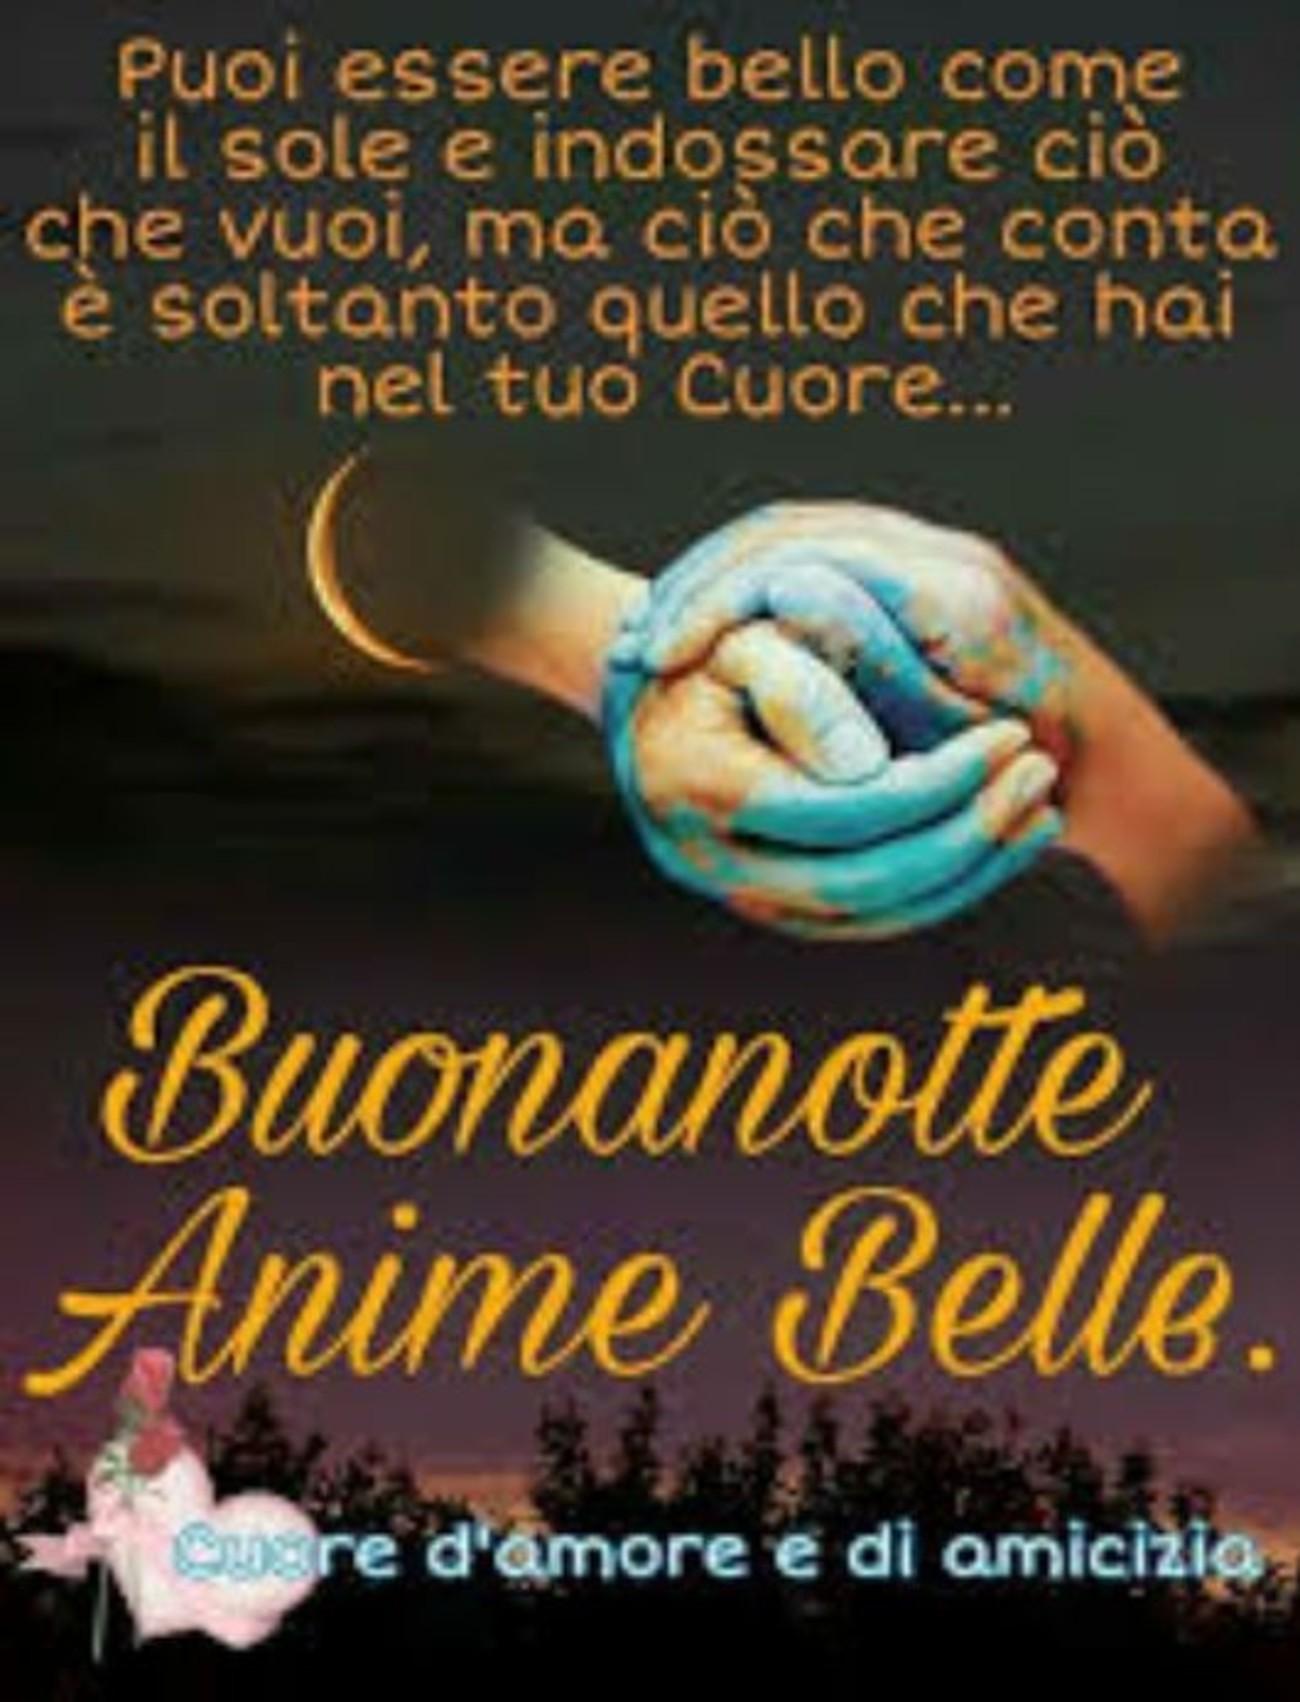 Buonanotte Con Belle Frasi Archives Buongiornoate It